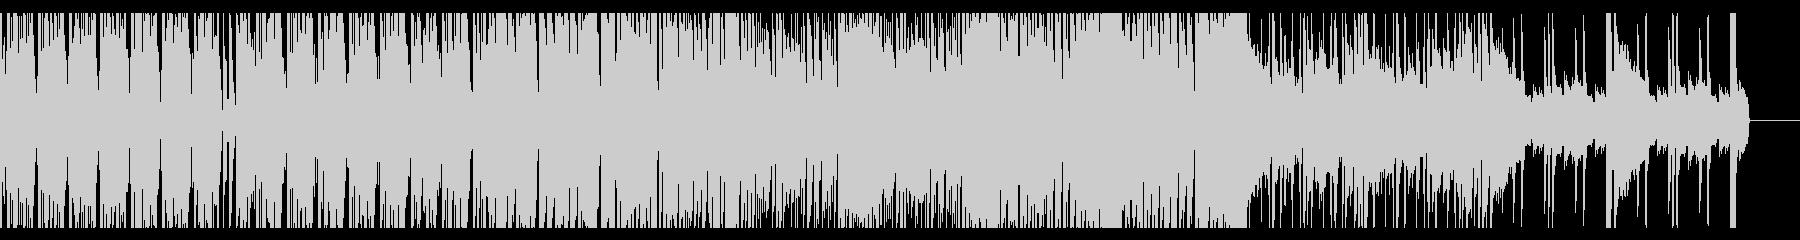 浮遊感のあるエレクトロの未再生の波形